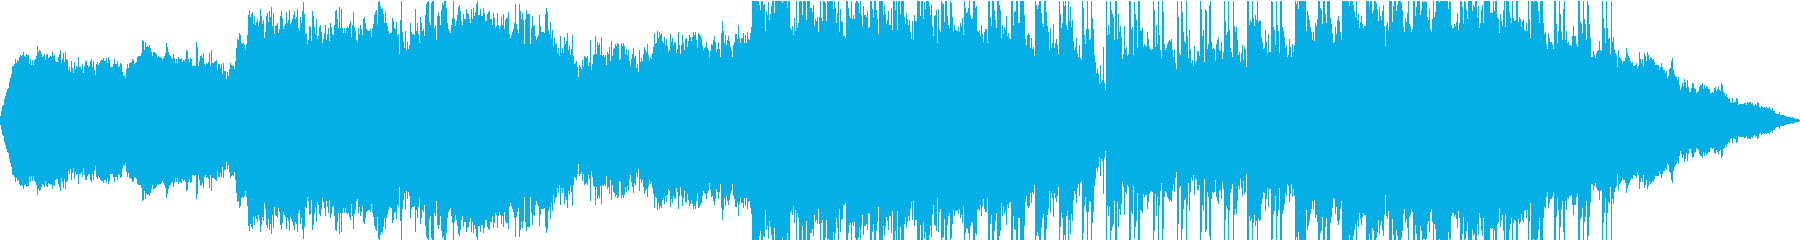 1'40からスロー、ヒロイック、ス...の再生済みの波形